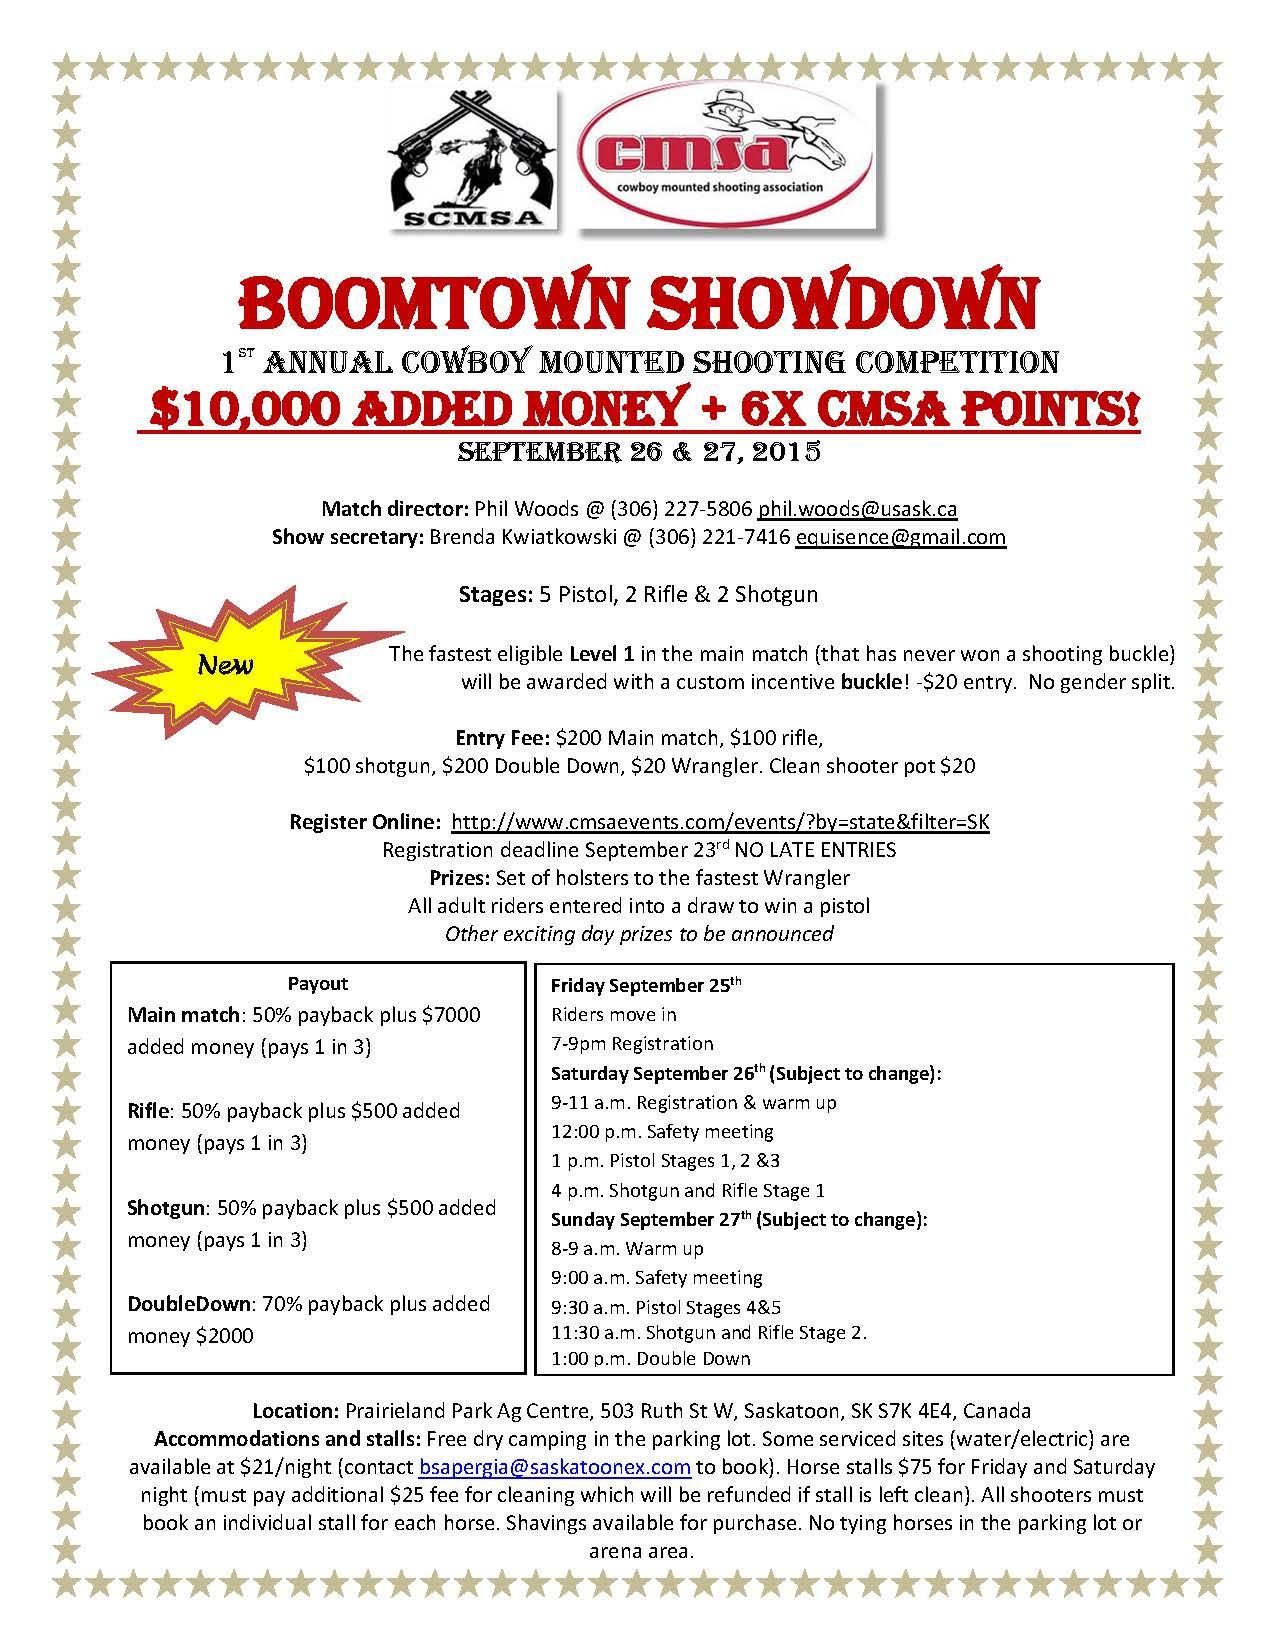 Boomtown Showdown